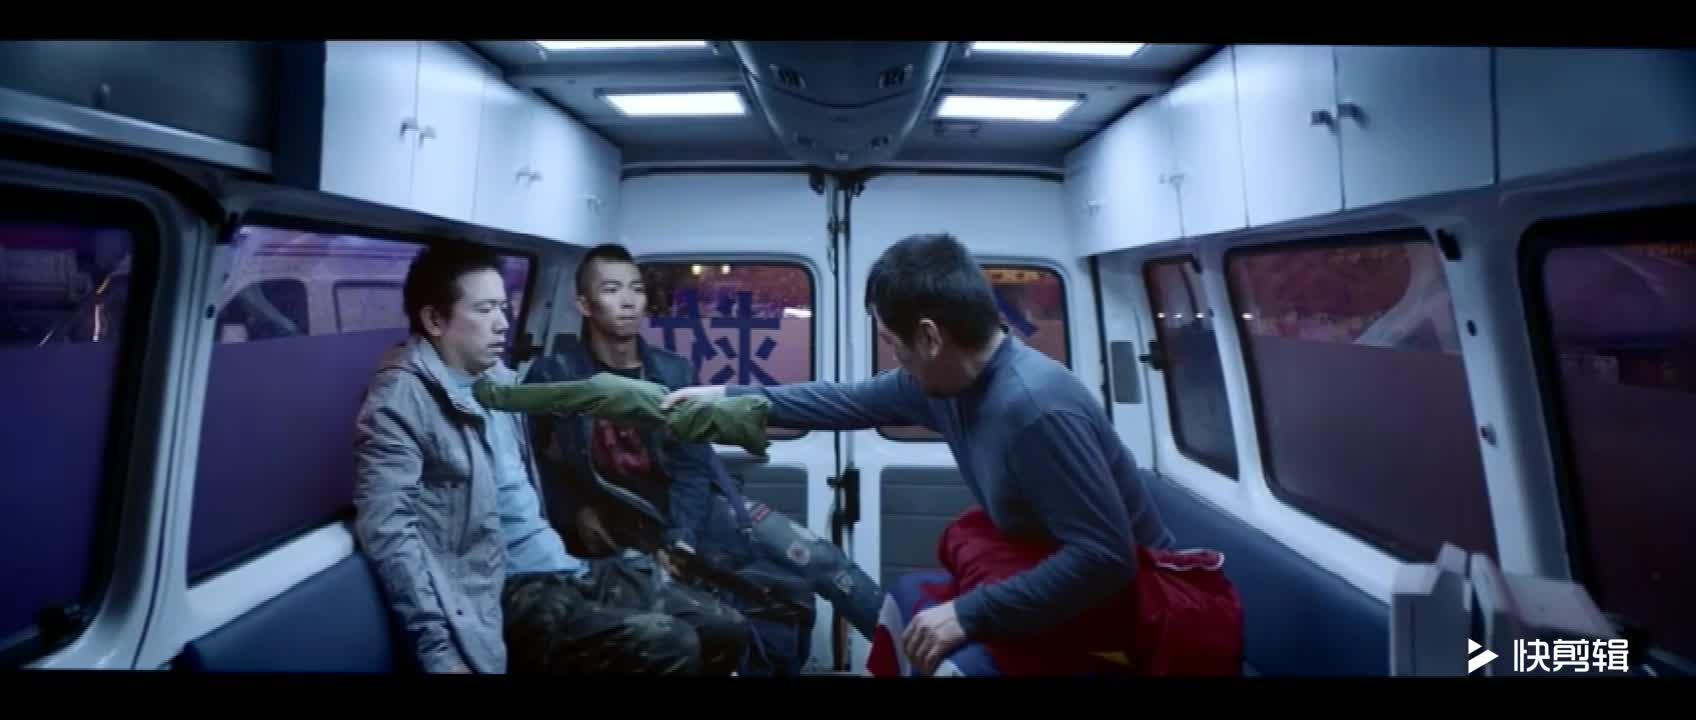 #经典看电影#世界就是如此小,救护车里有乾坤。